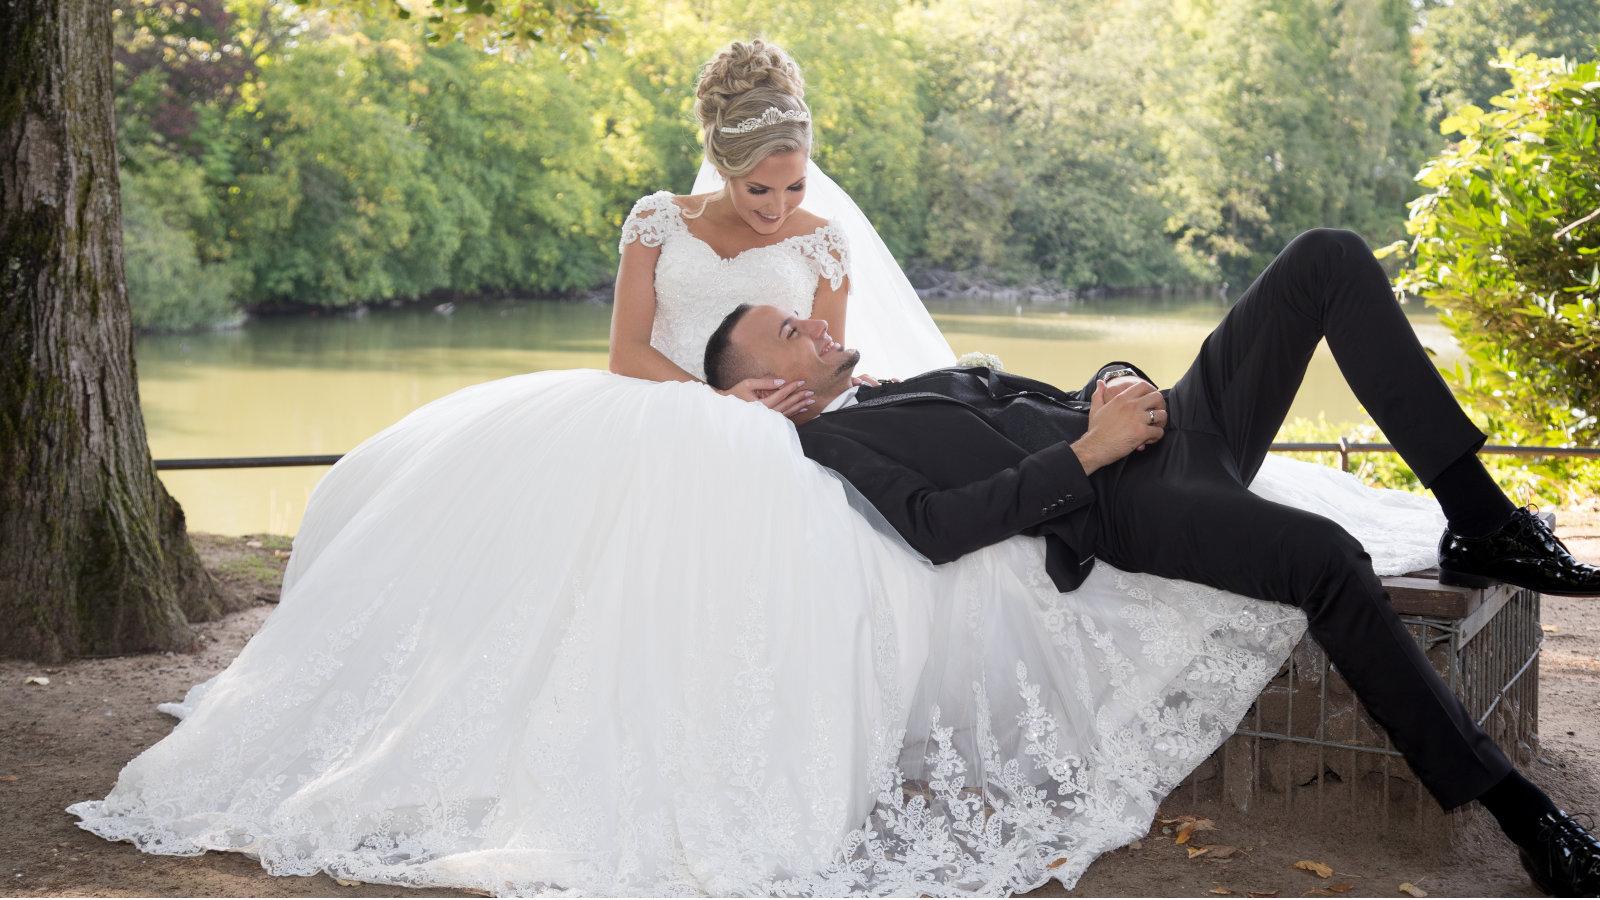 Freie Trauung Noerenberg Duesseldorf Fotoshooting Brautpaar Foto Huneida Fotostudio & Design